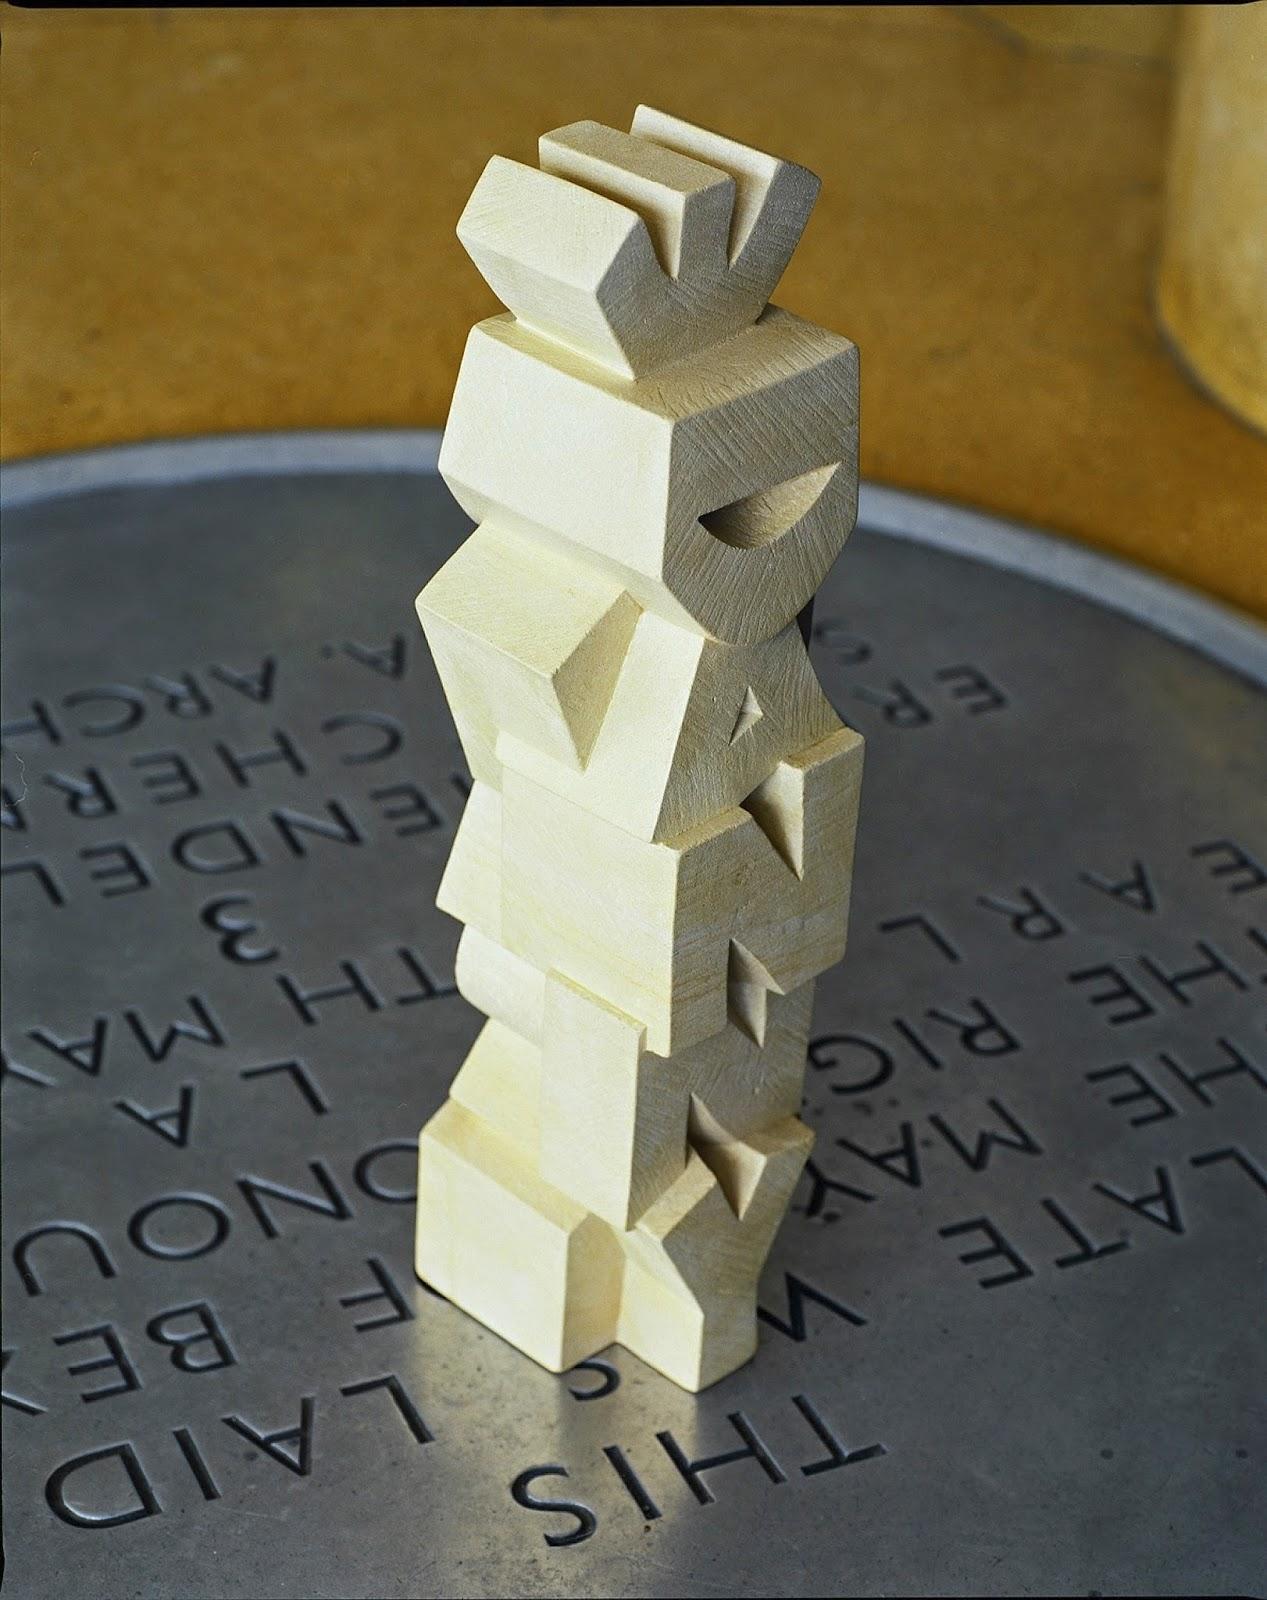 The Love Monolith © Concrete Editions, Gary Breeze, letter cutter, sculptor, De La Warr Pavilion,West Dean College, Beehive Yard,Caen limestone